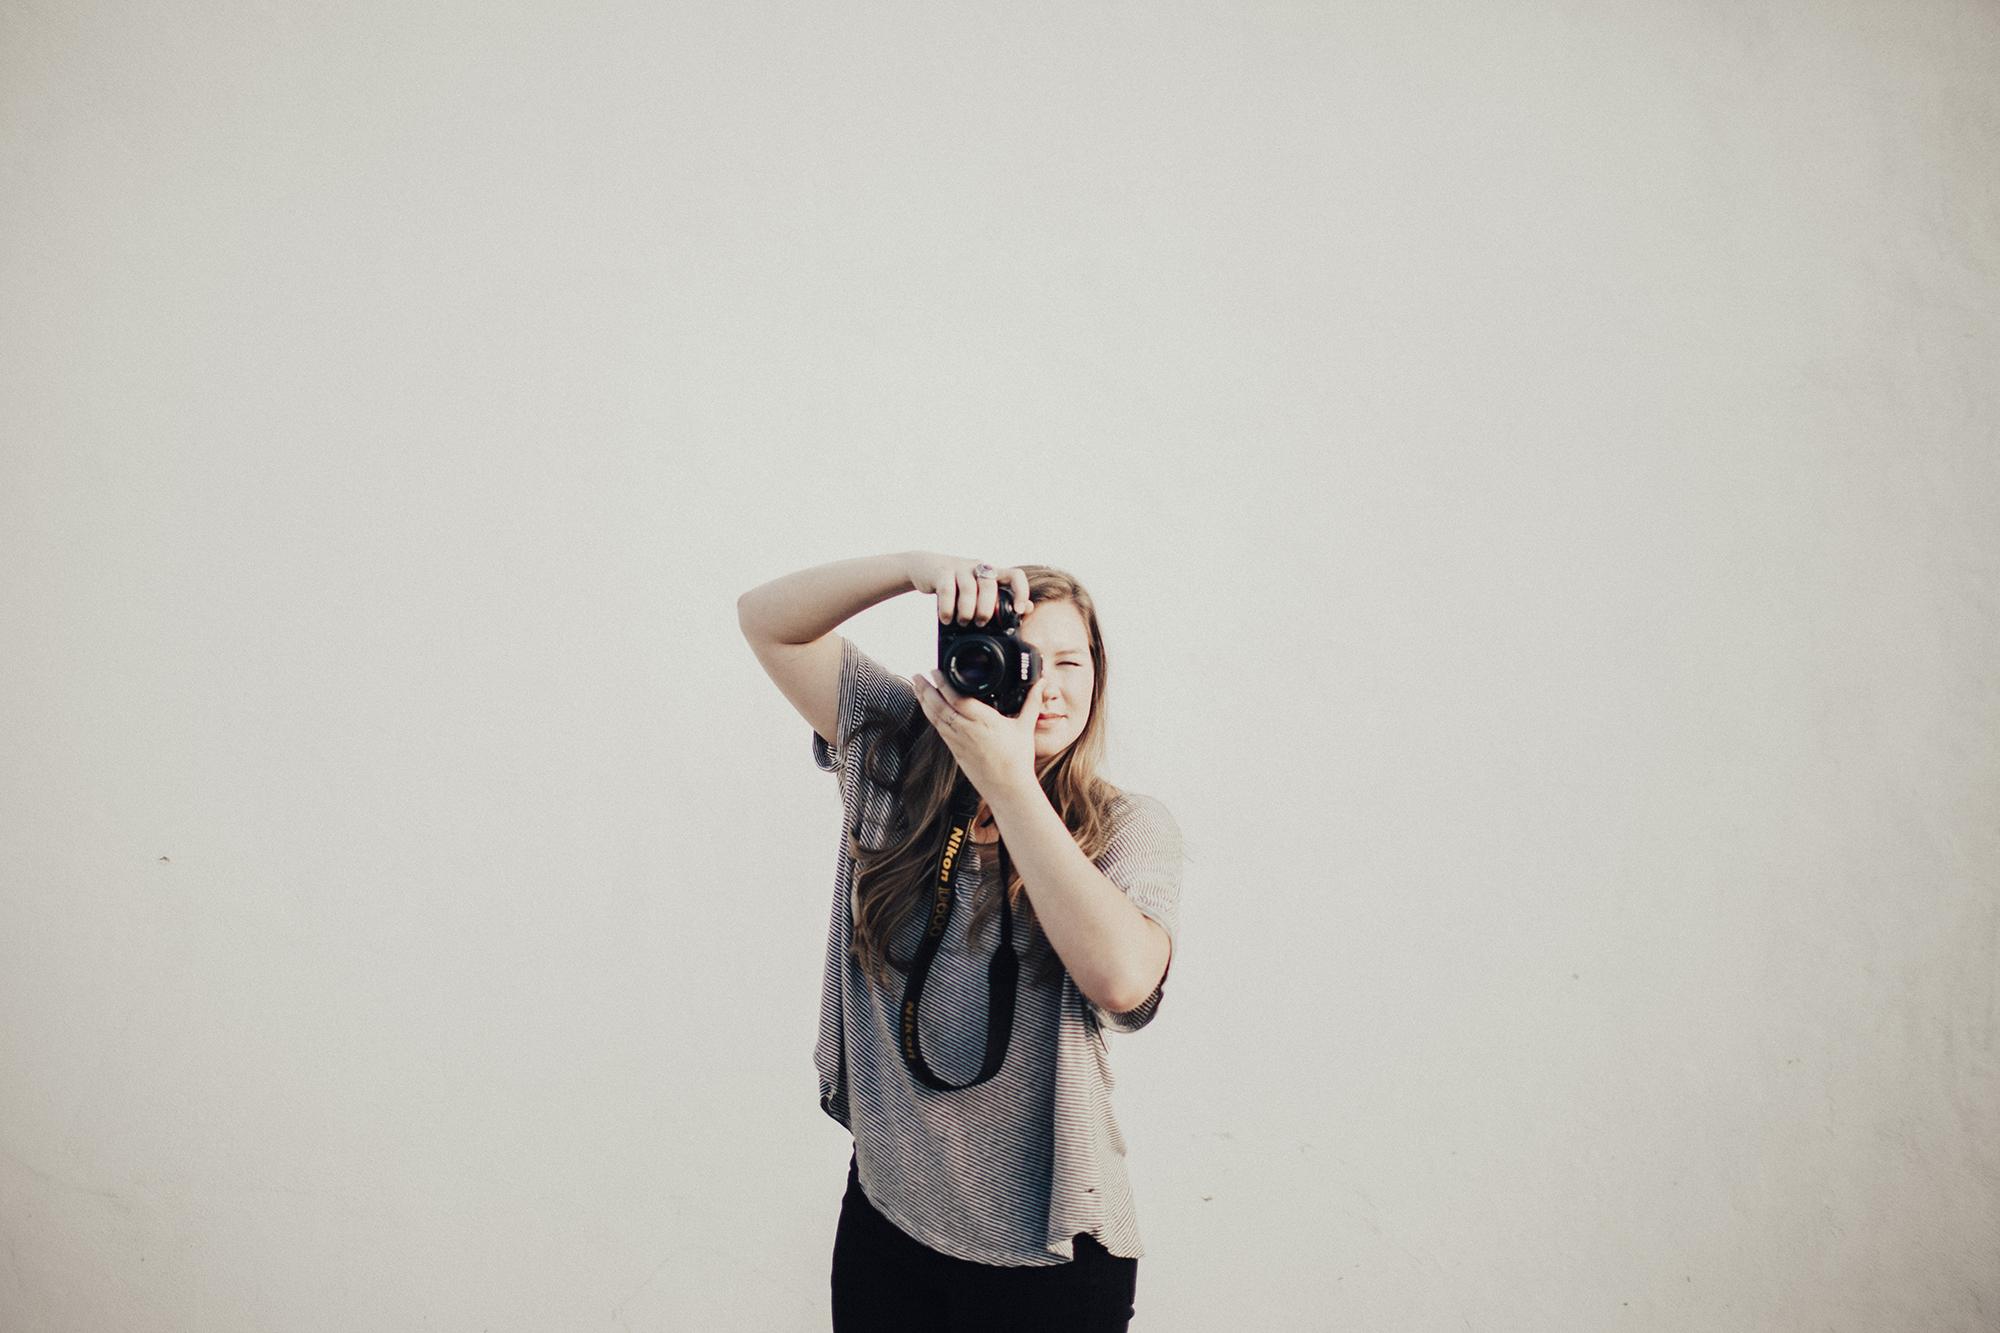 Rachel-Watters-Photo-About.jpg